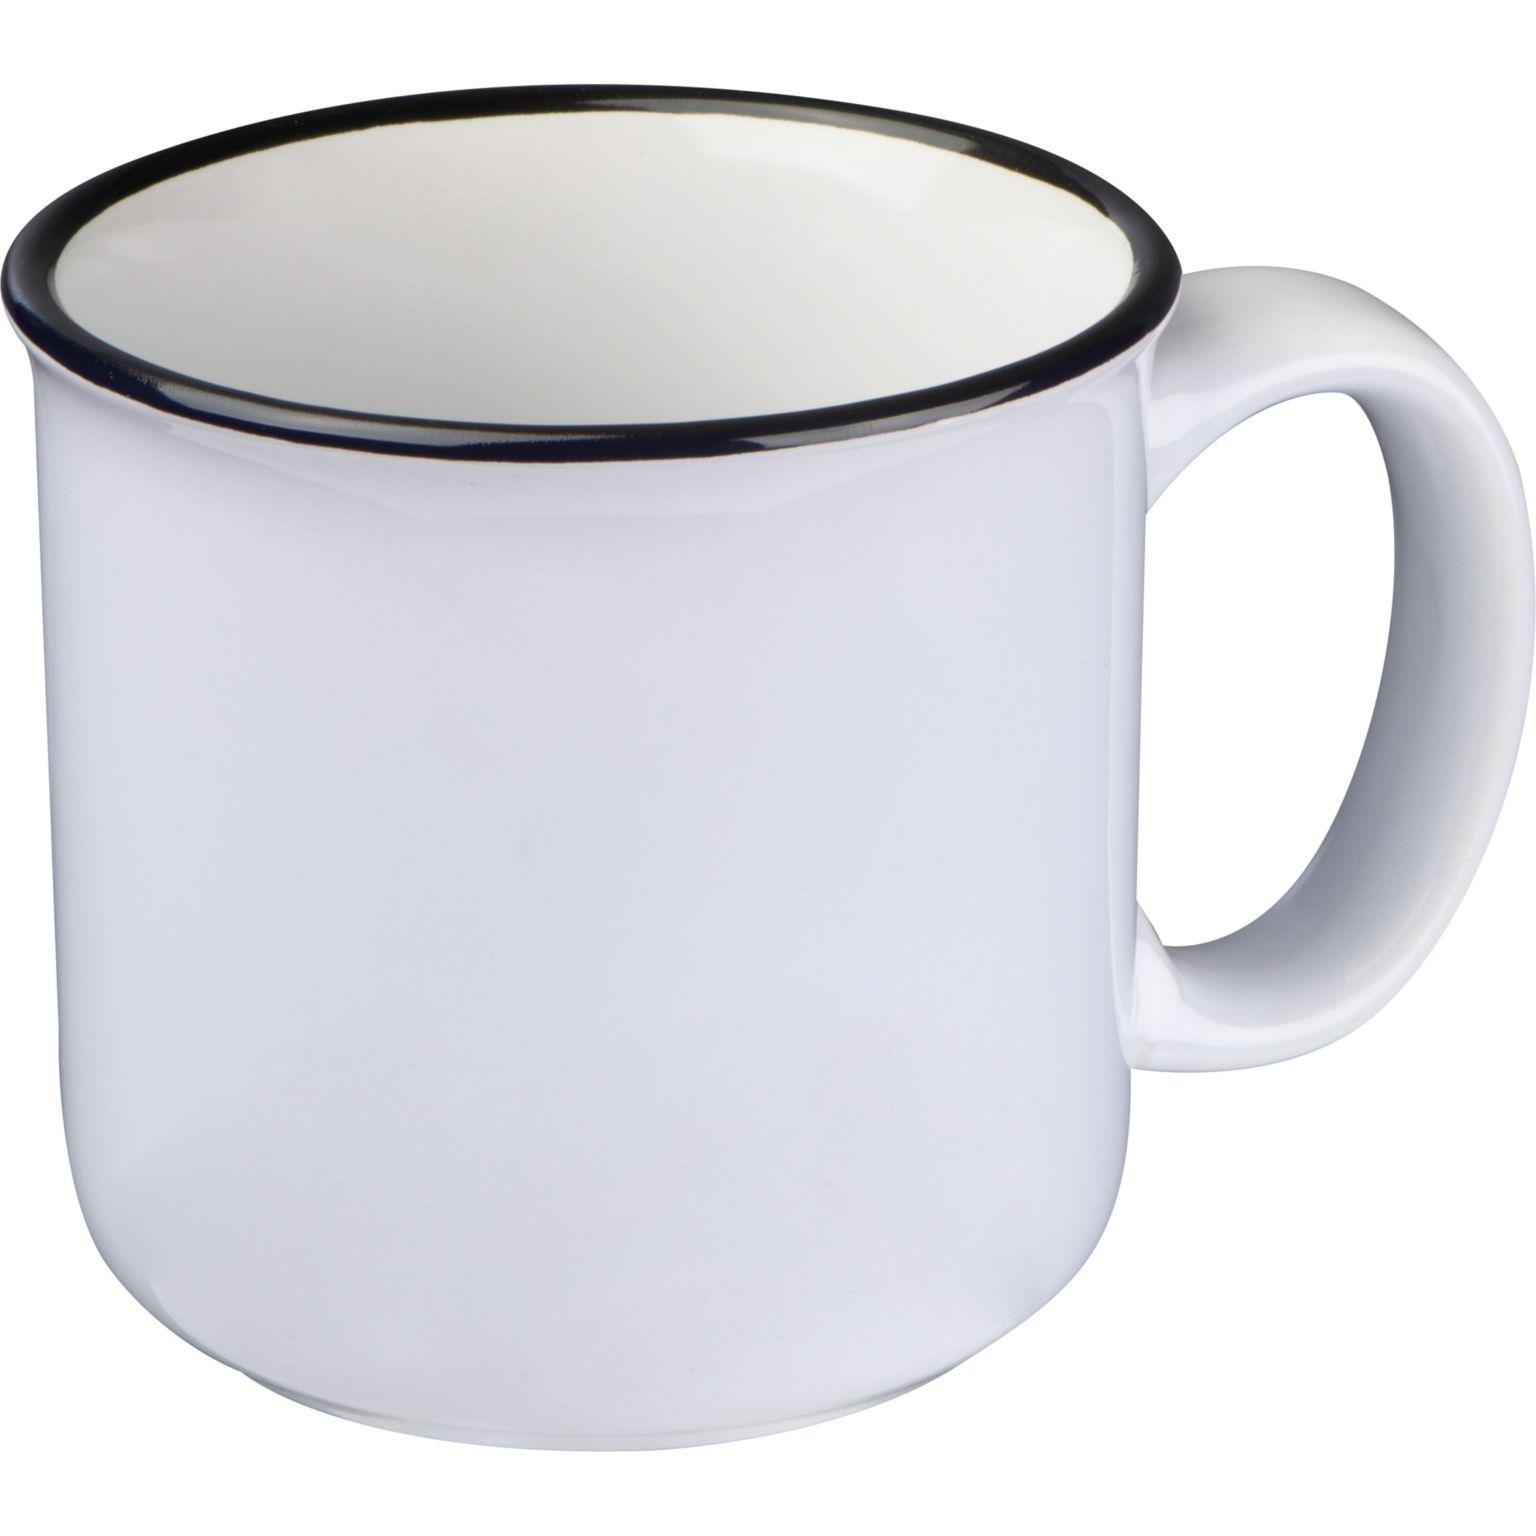 Tasse en céramique avec bord noir